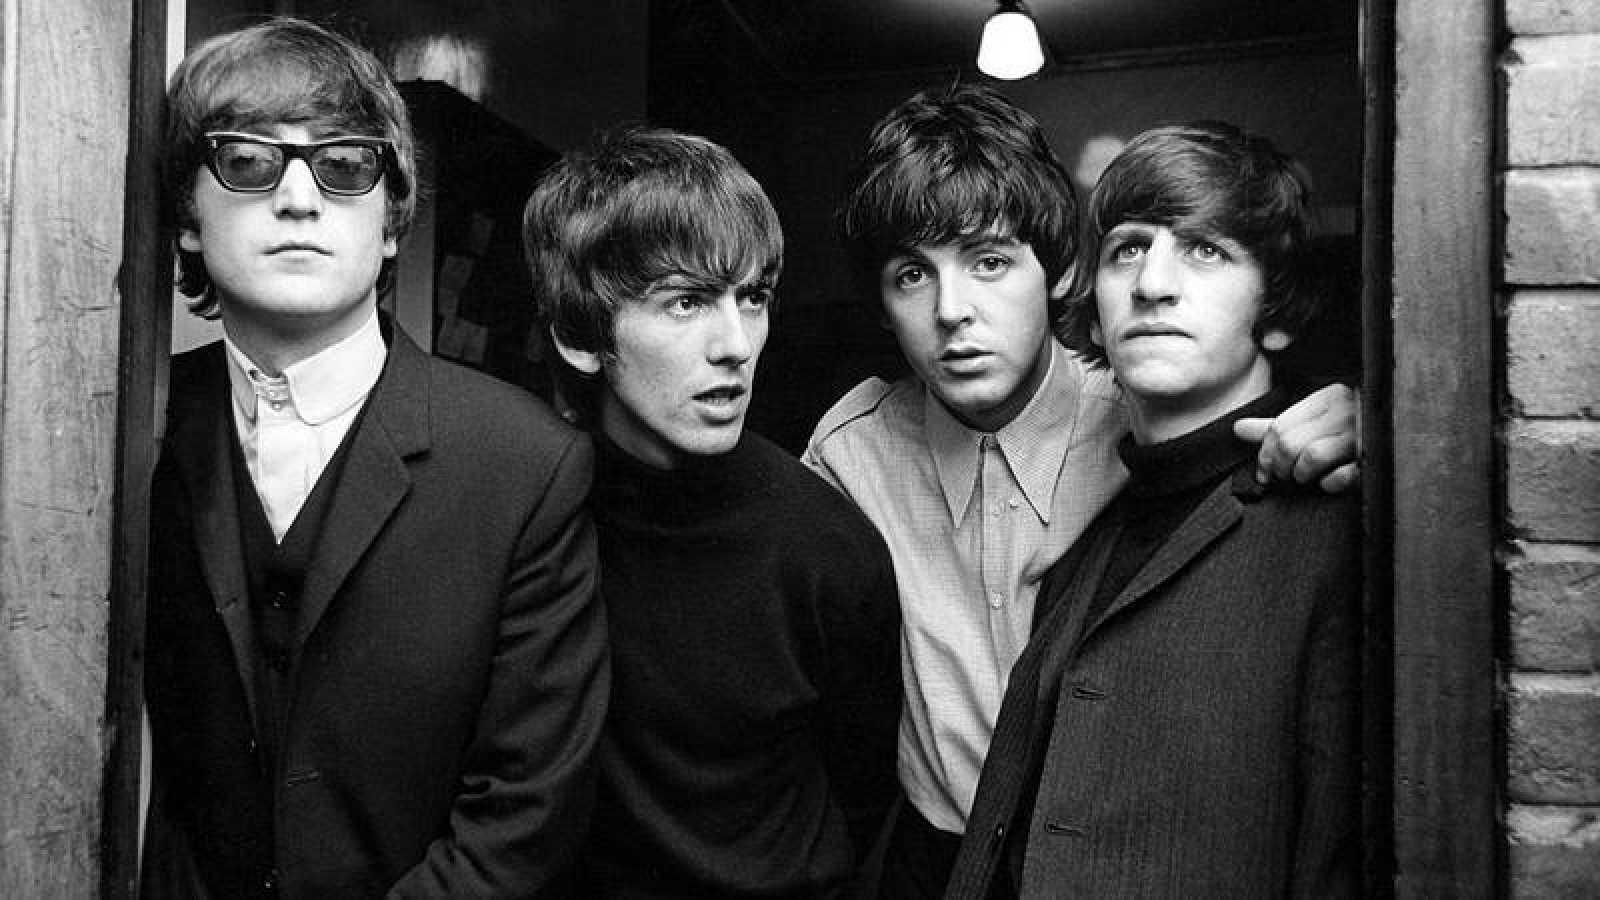 'Memoria de delfín' recuerda la despedida de The Beatles